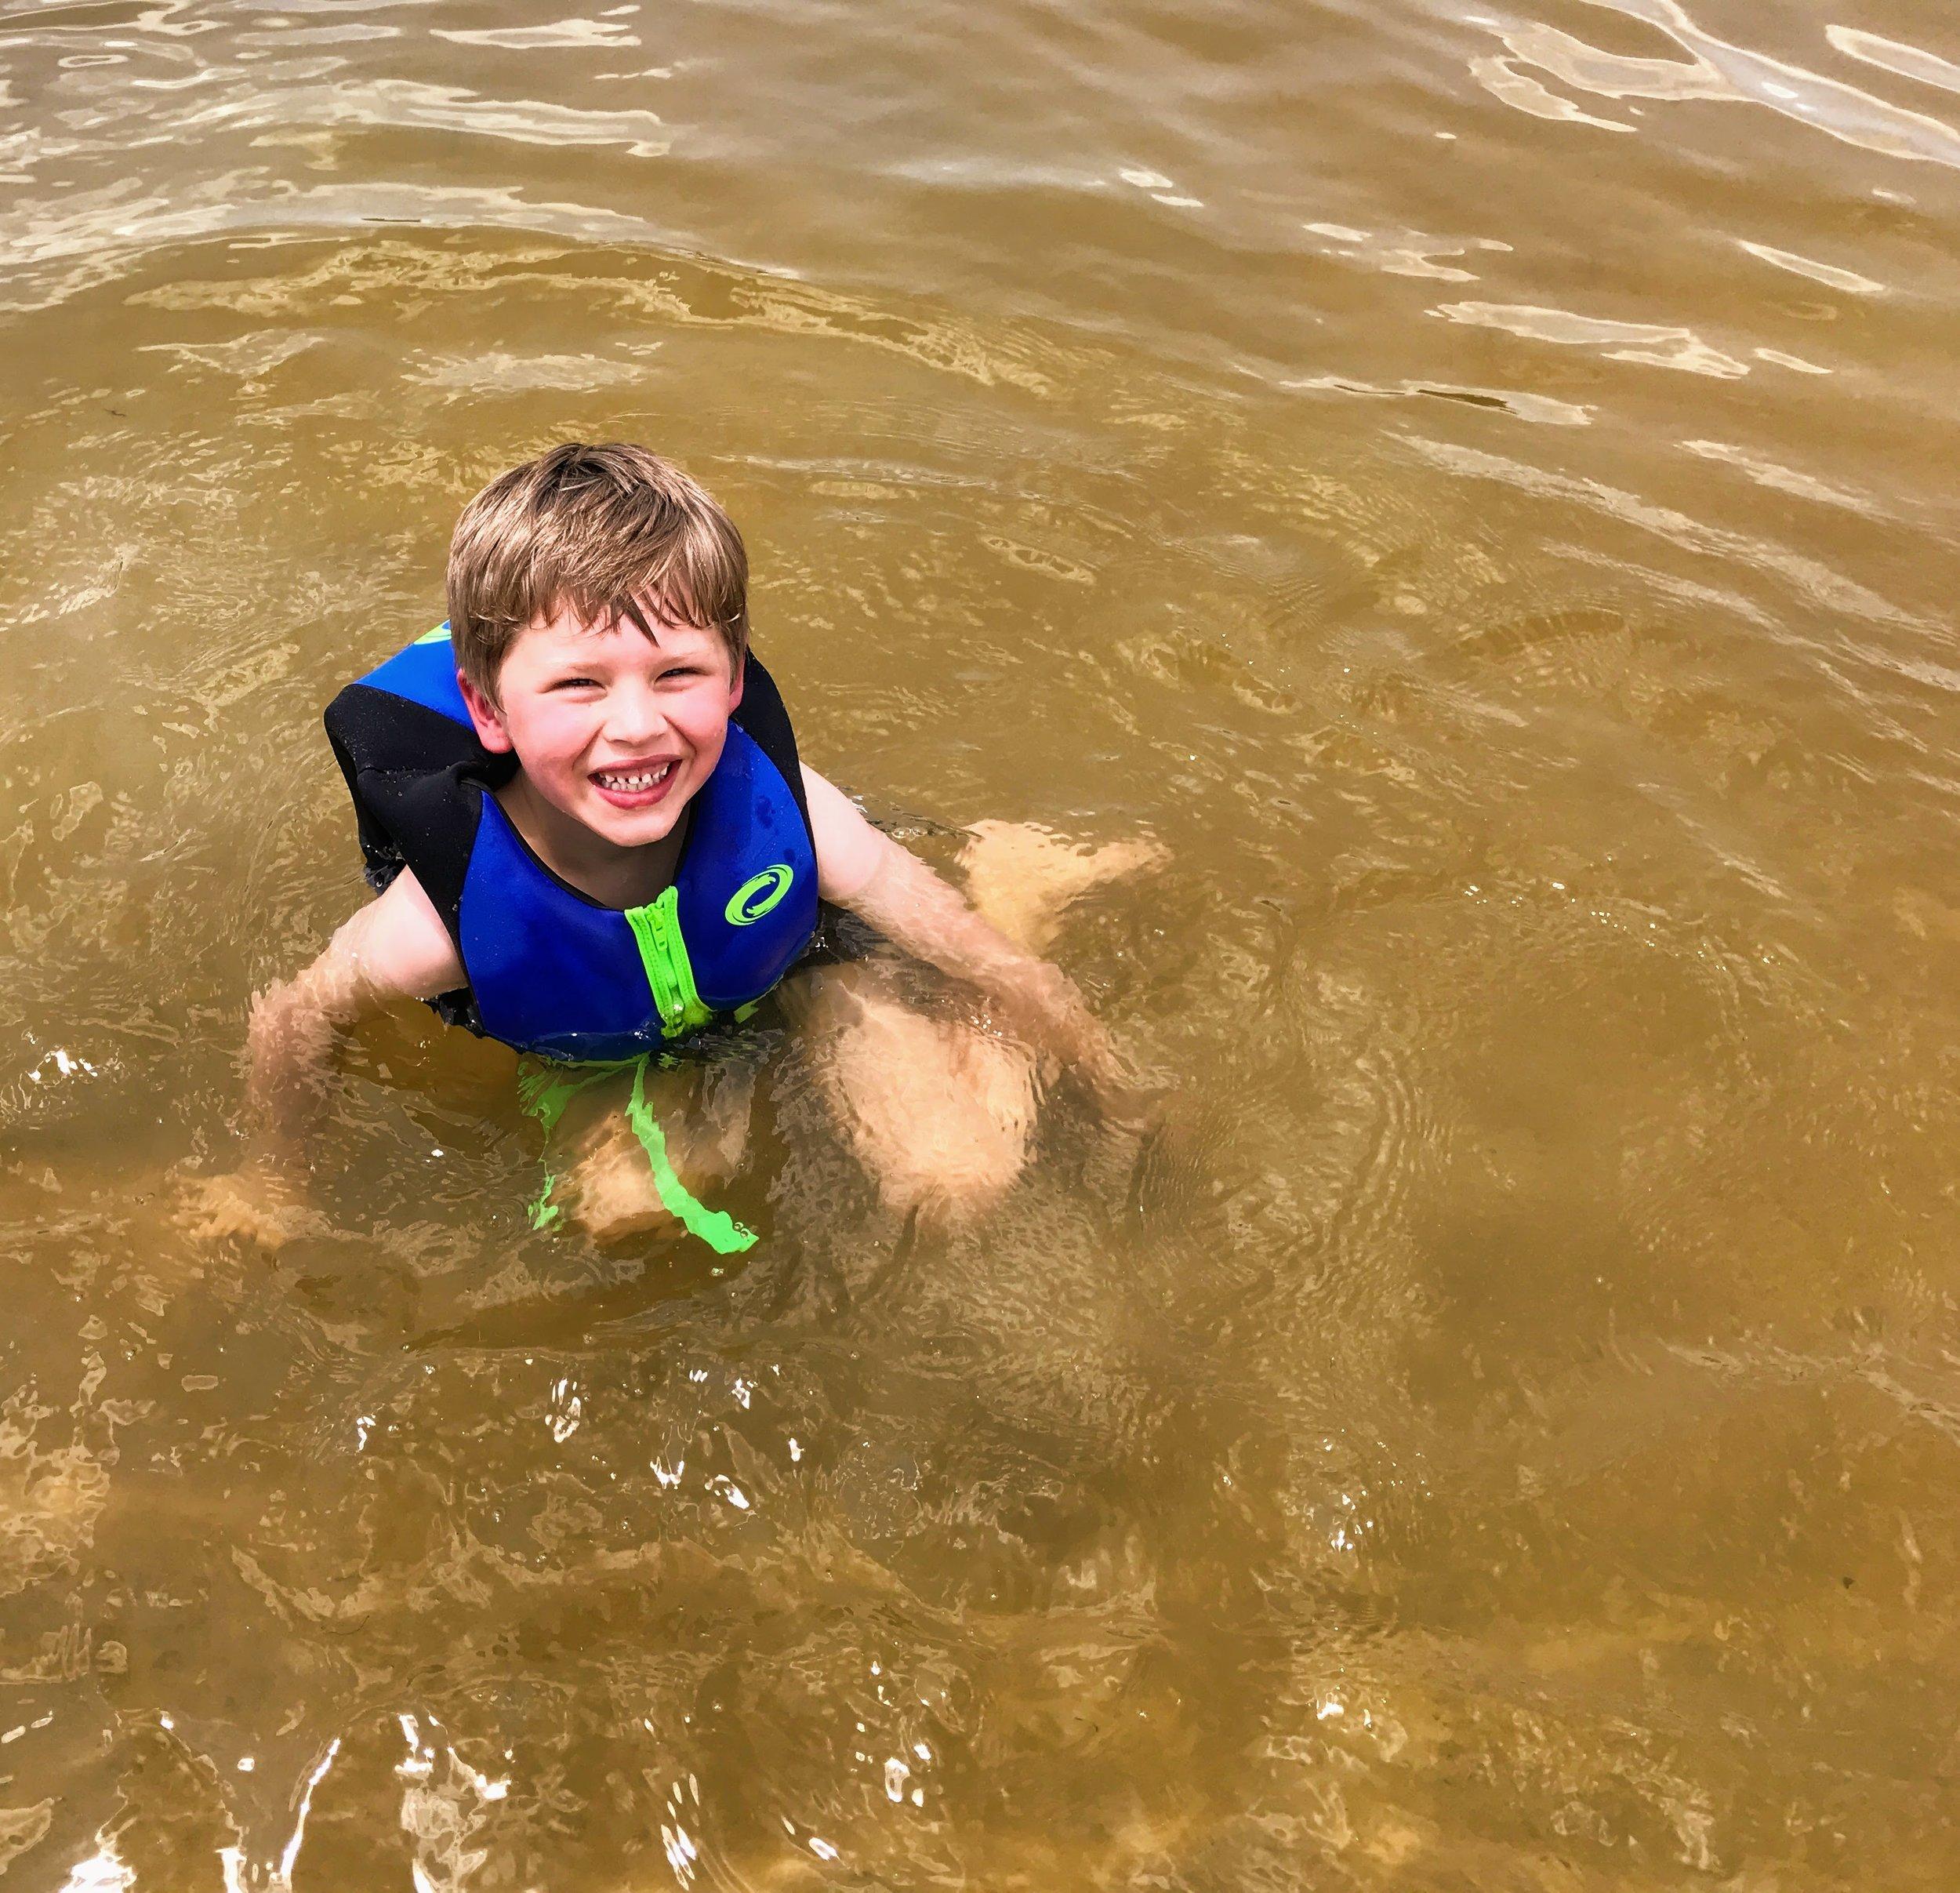 Floating around at Lake Lurleen